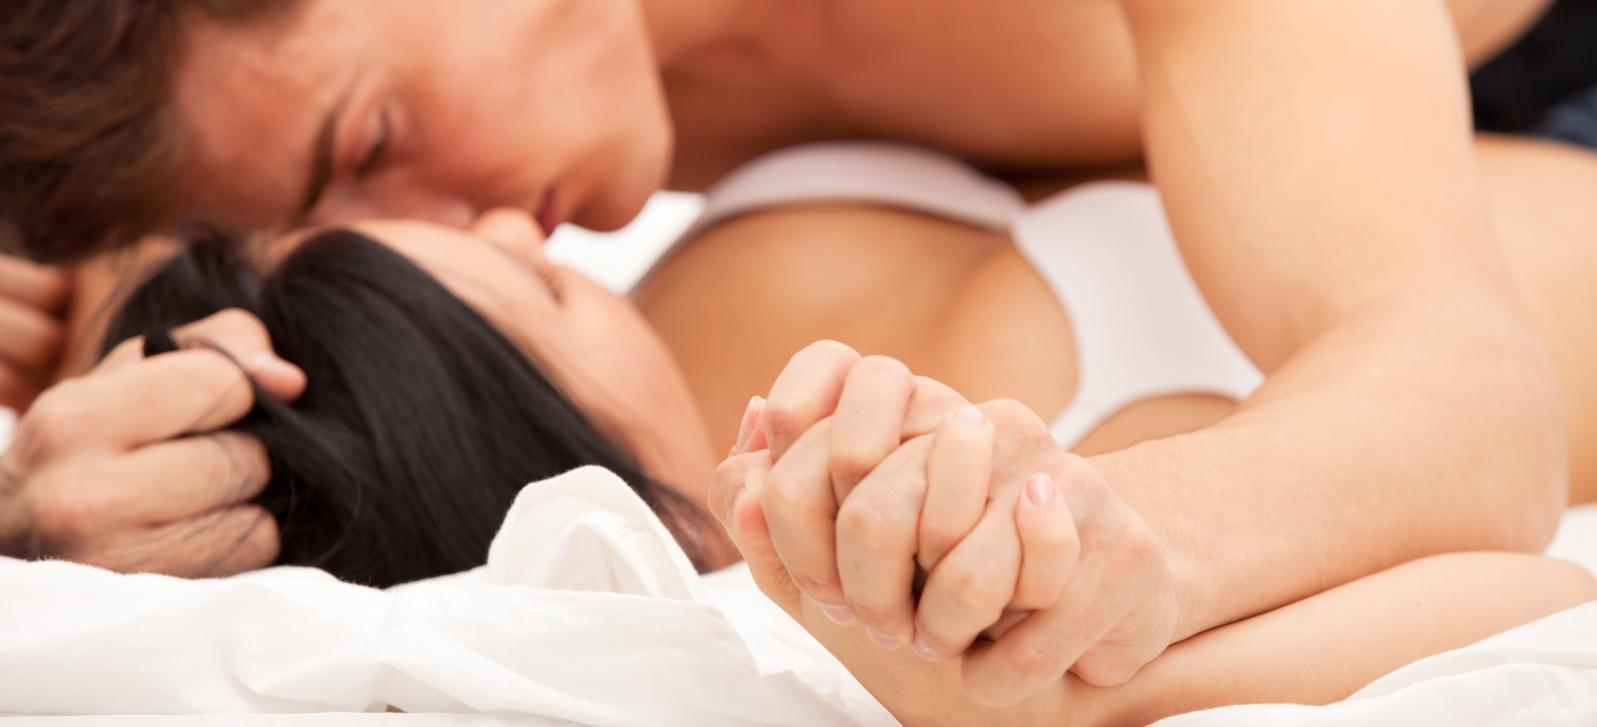 Mitä tehdä hyvää seksiä valtava musta kukko vitun pillua